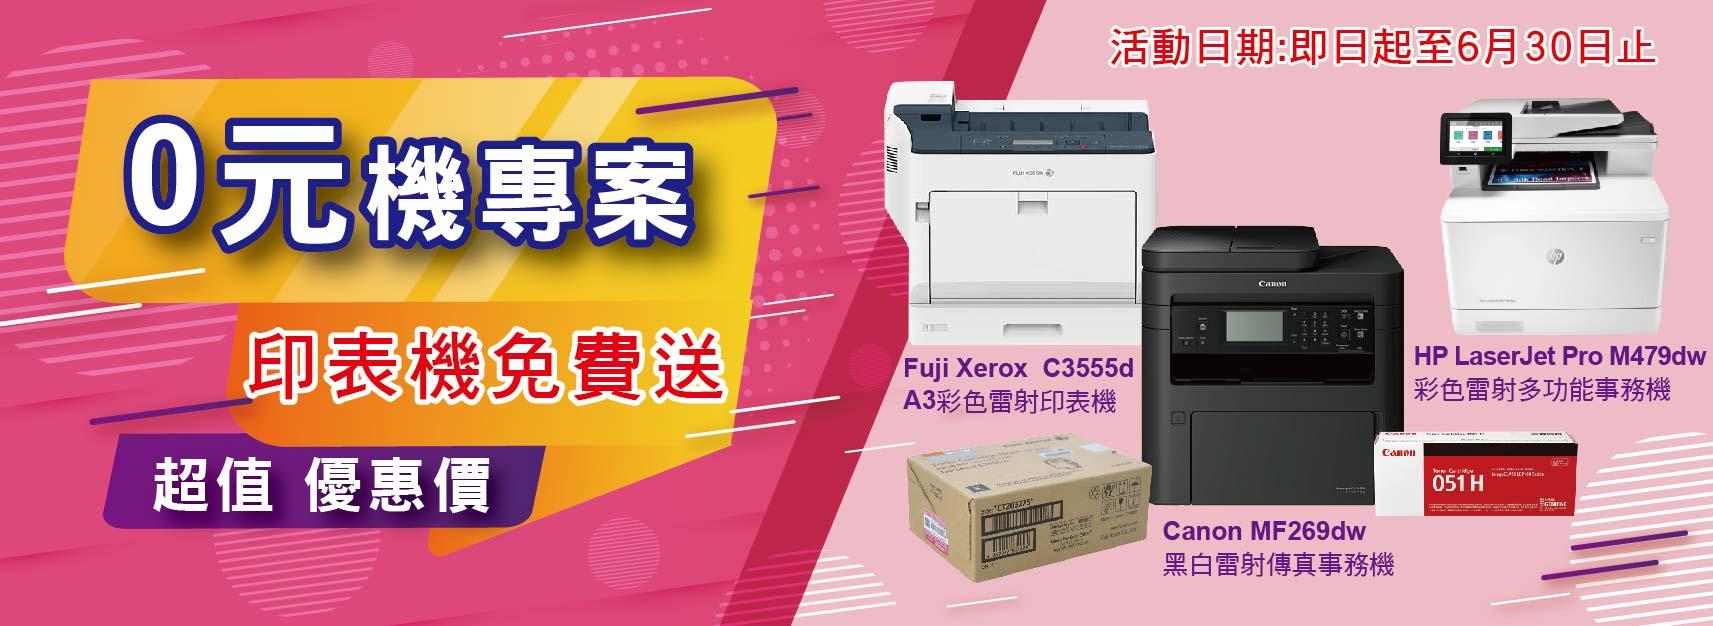 0元機專案-送印表機